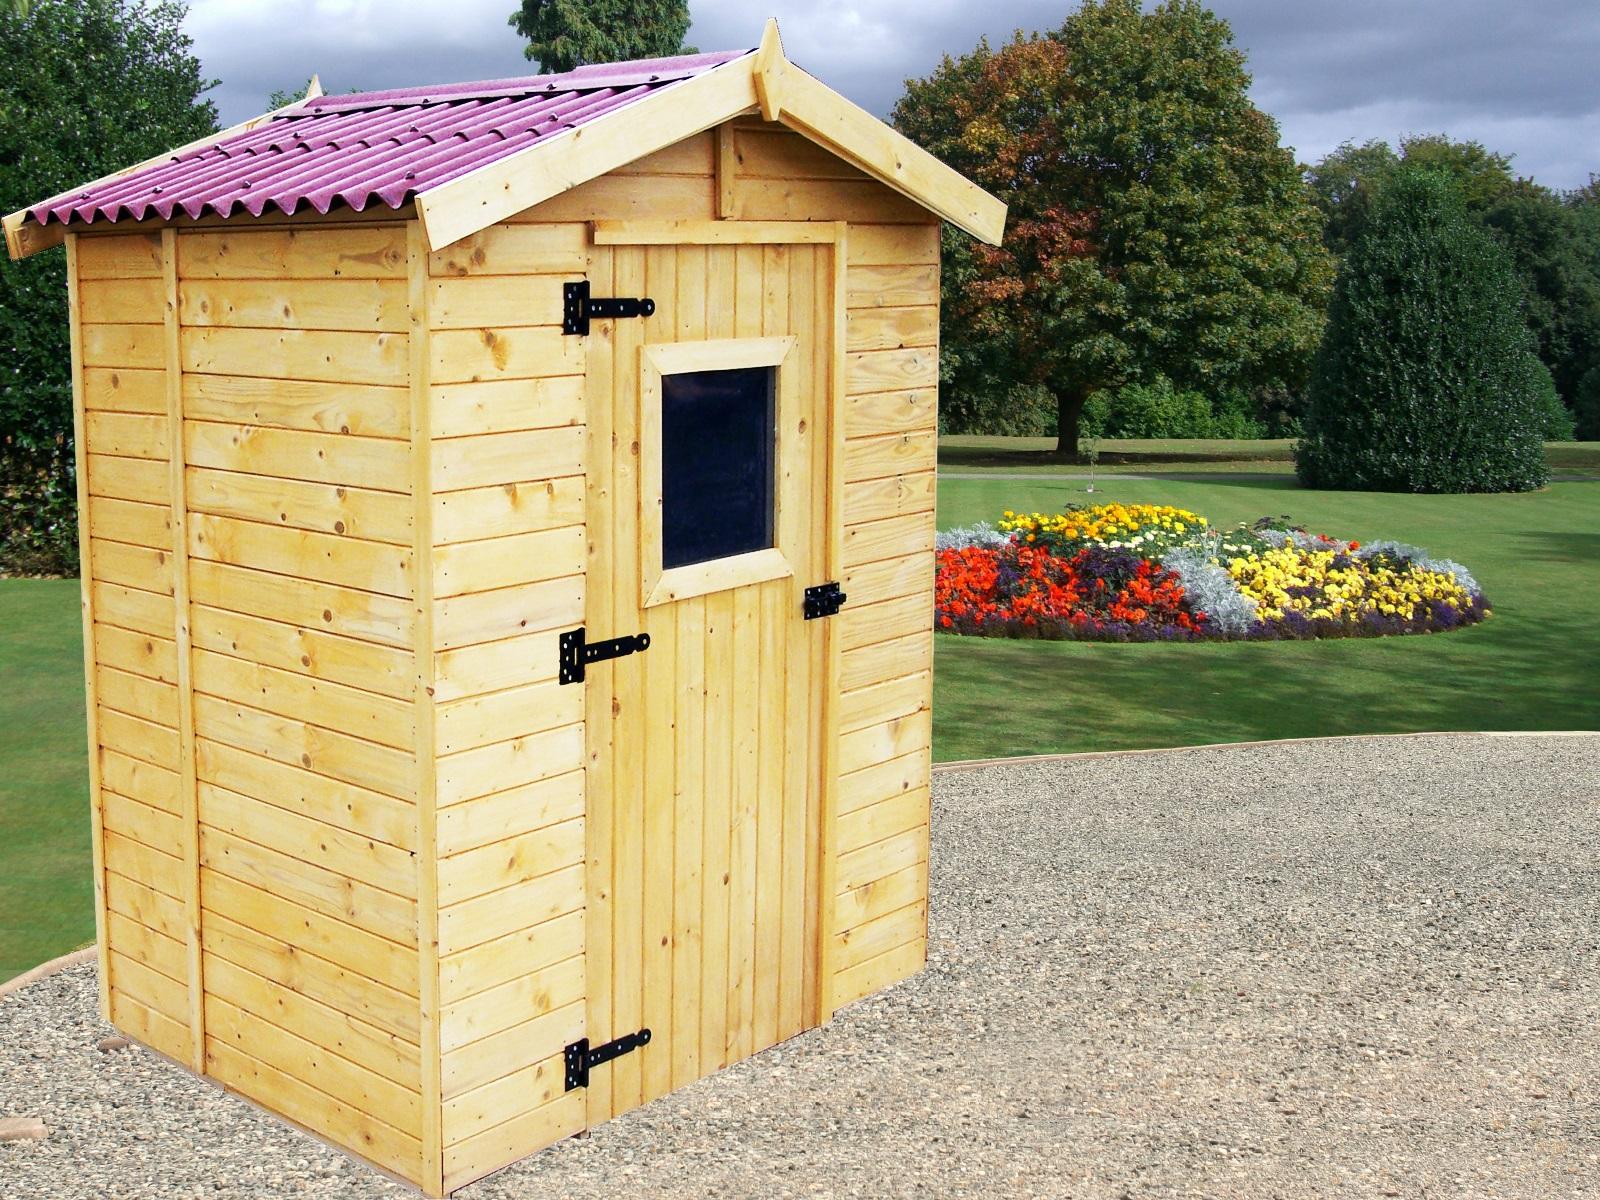 abri de jardin bois eden x m avec plancher bouvara abris de jardin en bois. Black Bedroom Furniture Sets. Home Design Ideas